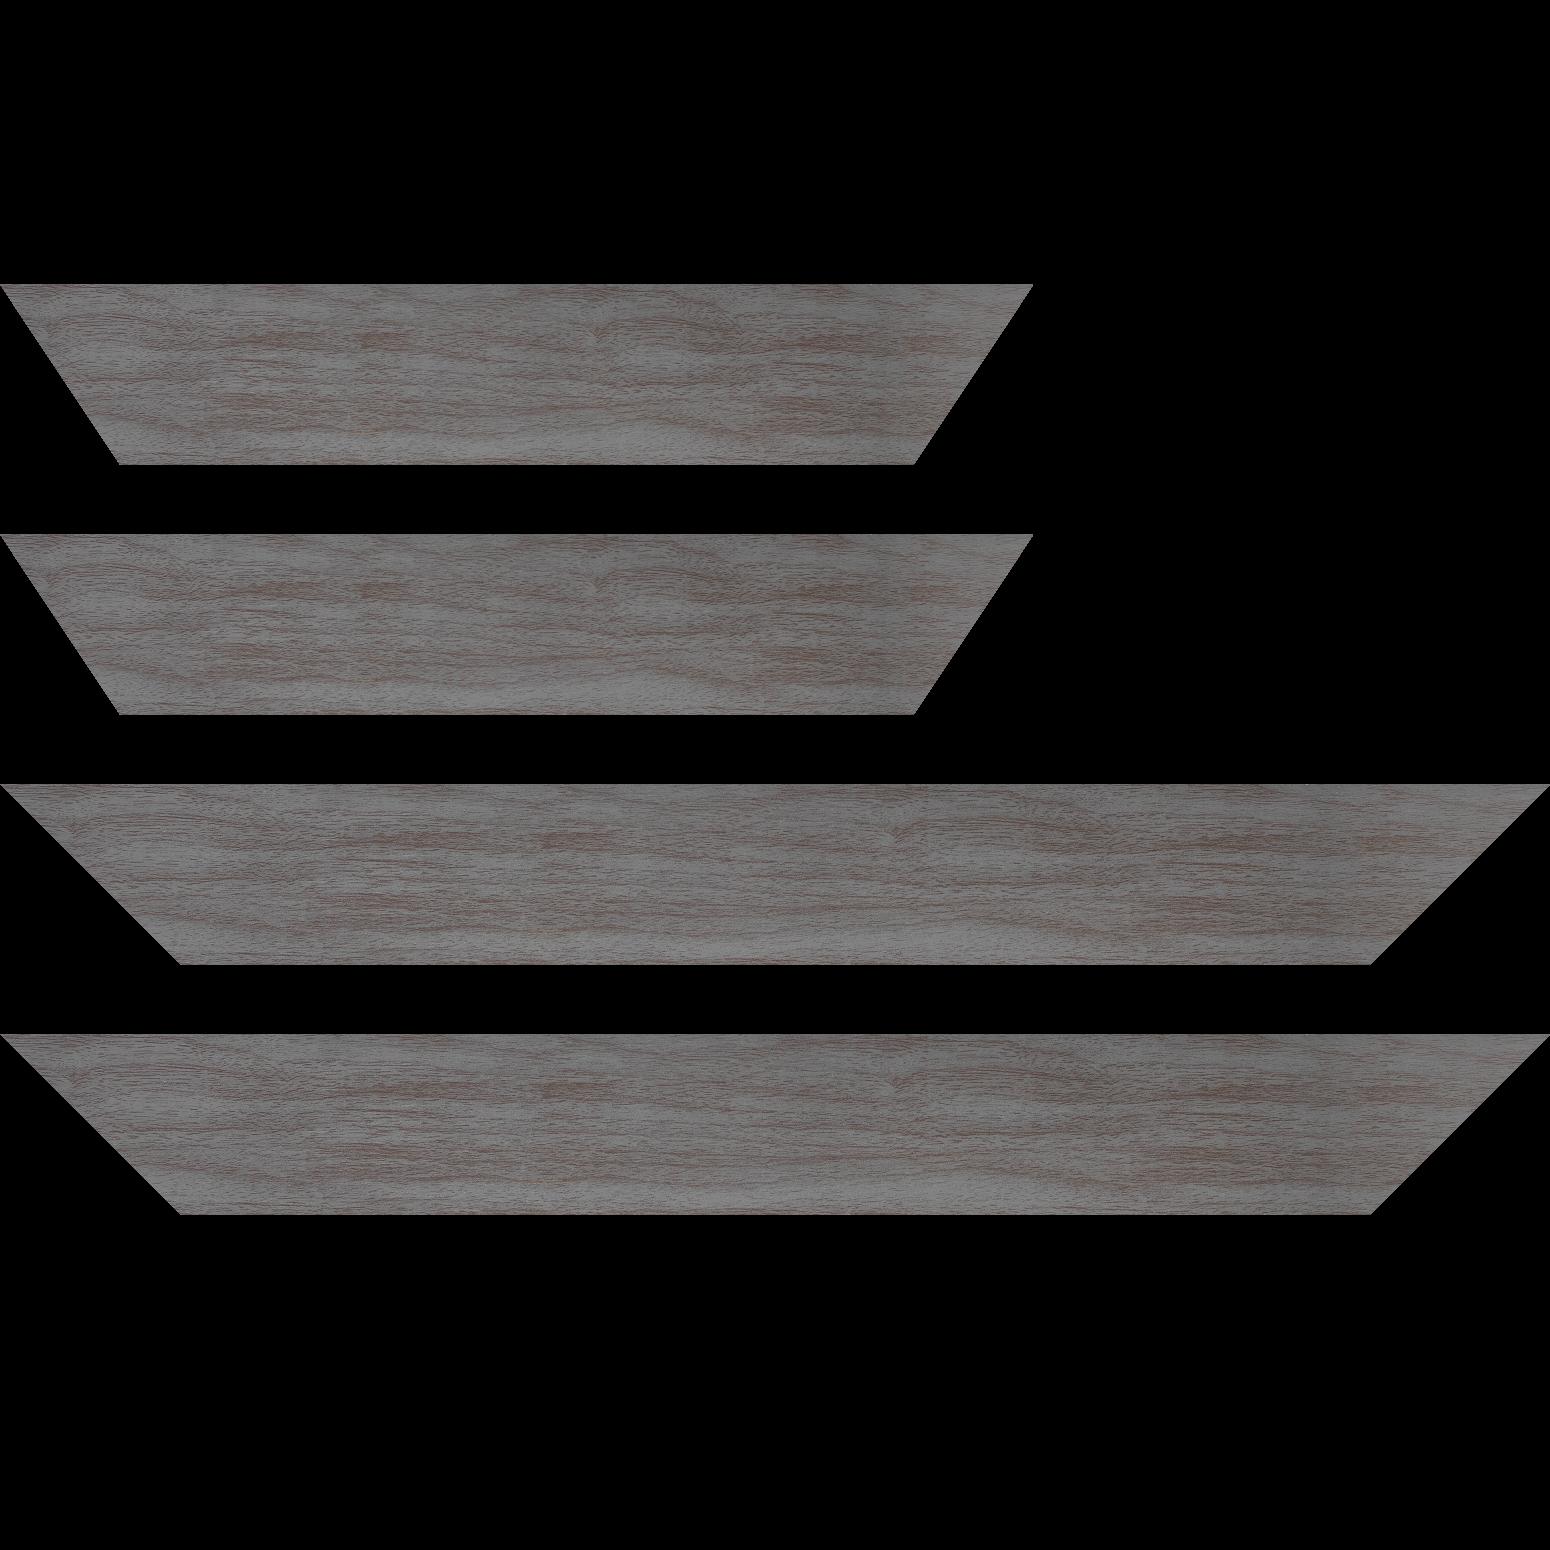 Baguette service précoupé Bois profil plat largeur 6cm gris satiné effet veiné ,chant extérieur du cadre de couleur noire